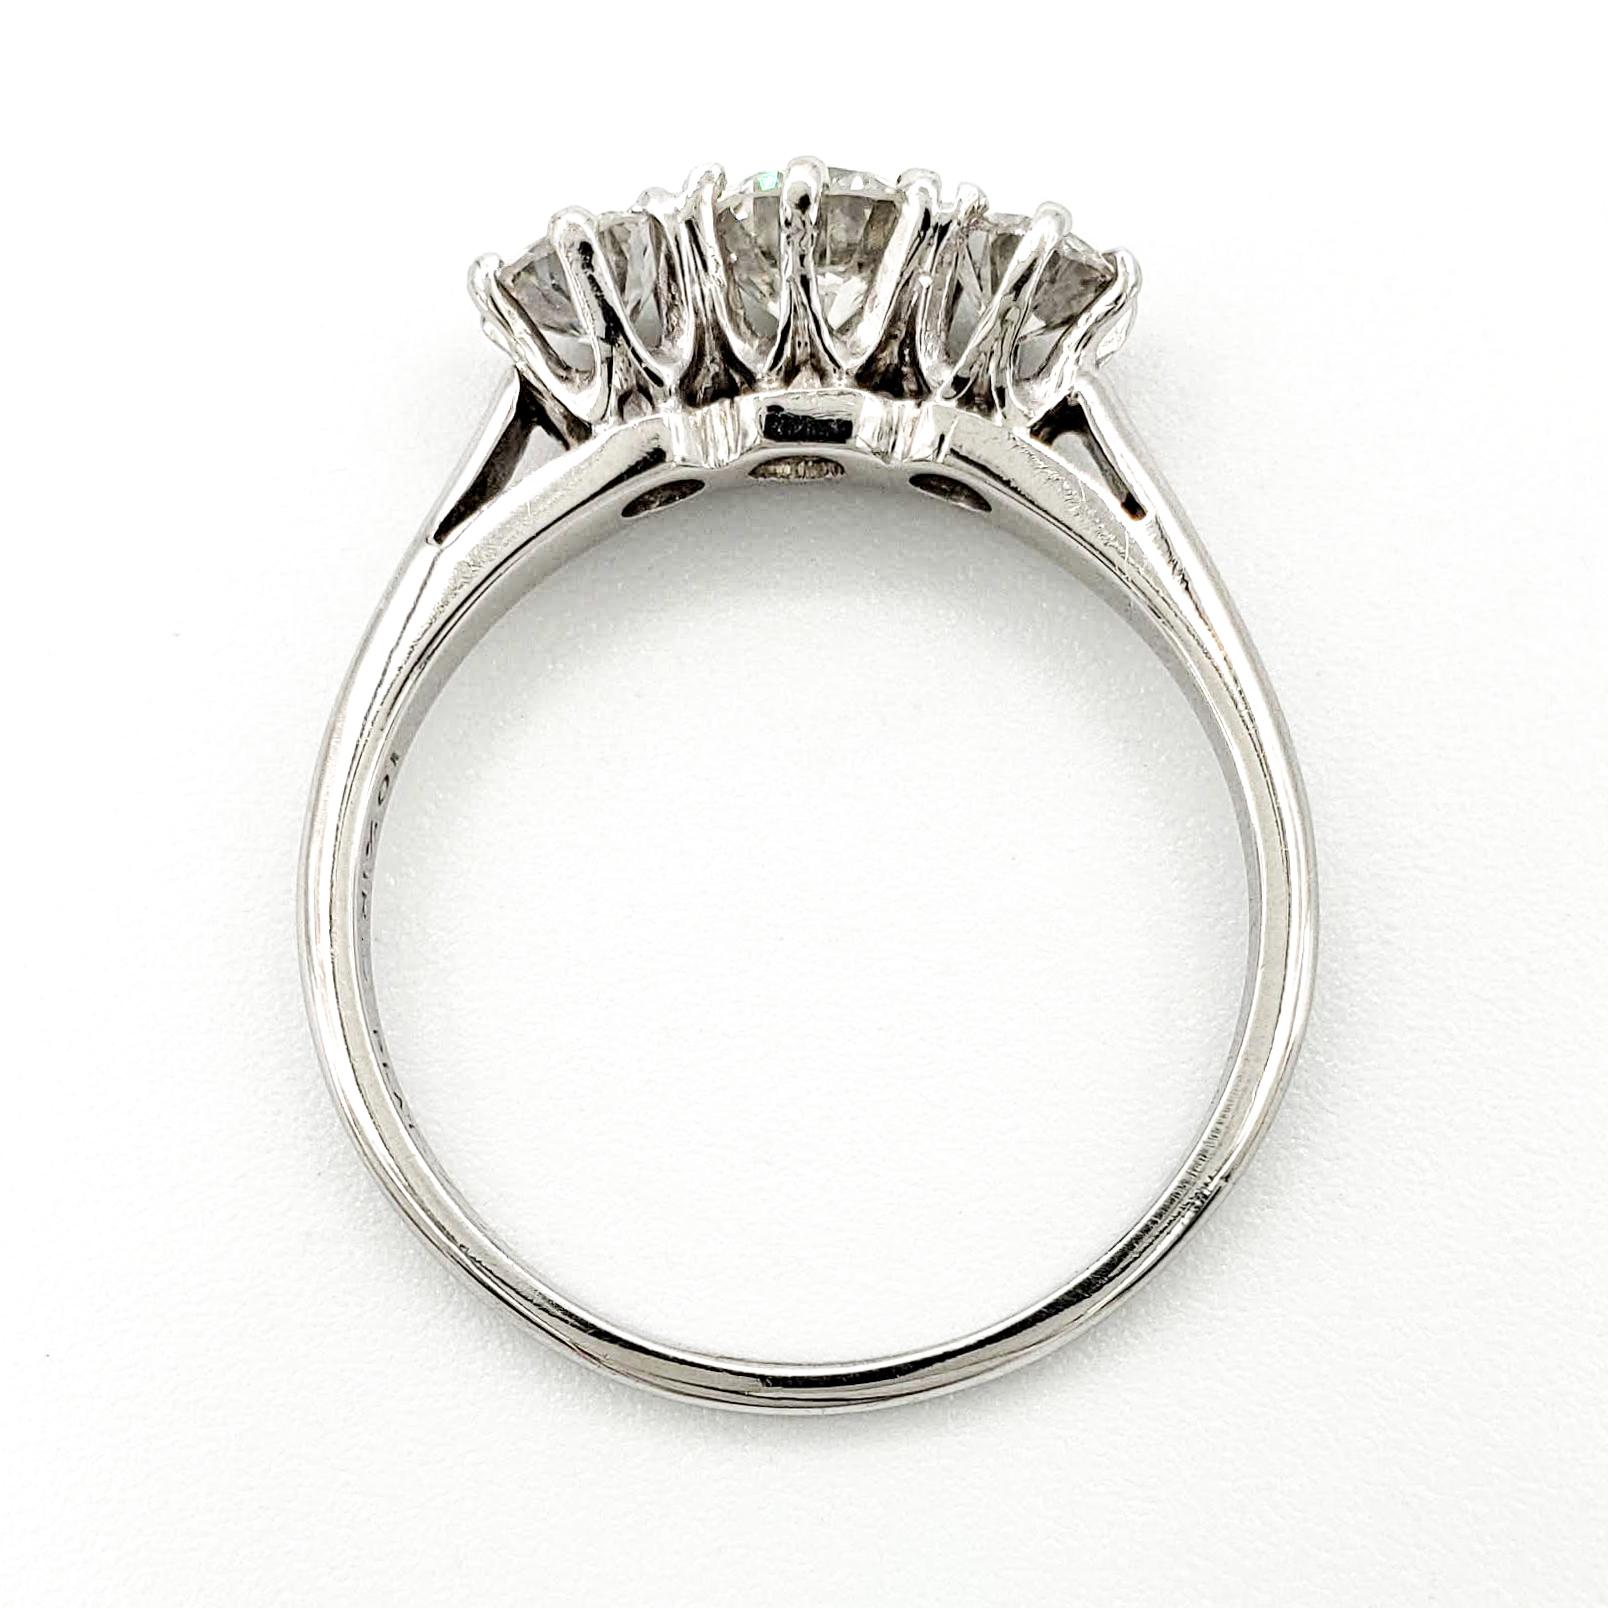 vintage-platinum-engagement-ring-with-0-40-carat-round-brilliant-cut-diamond